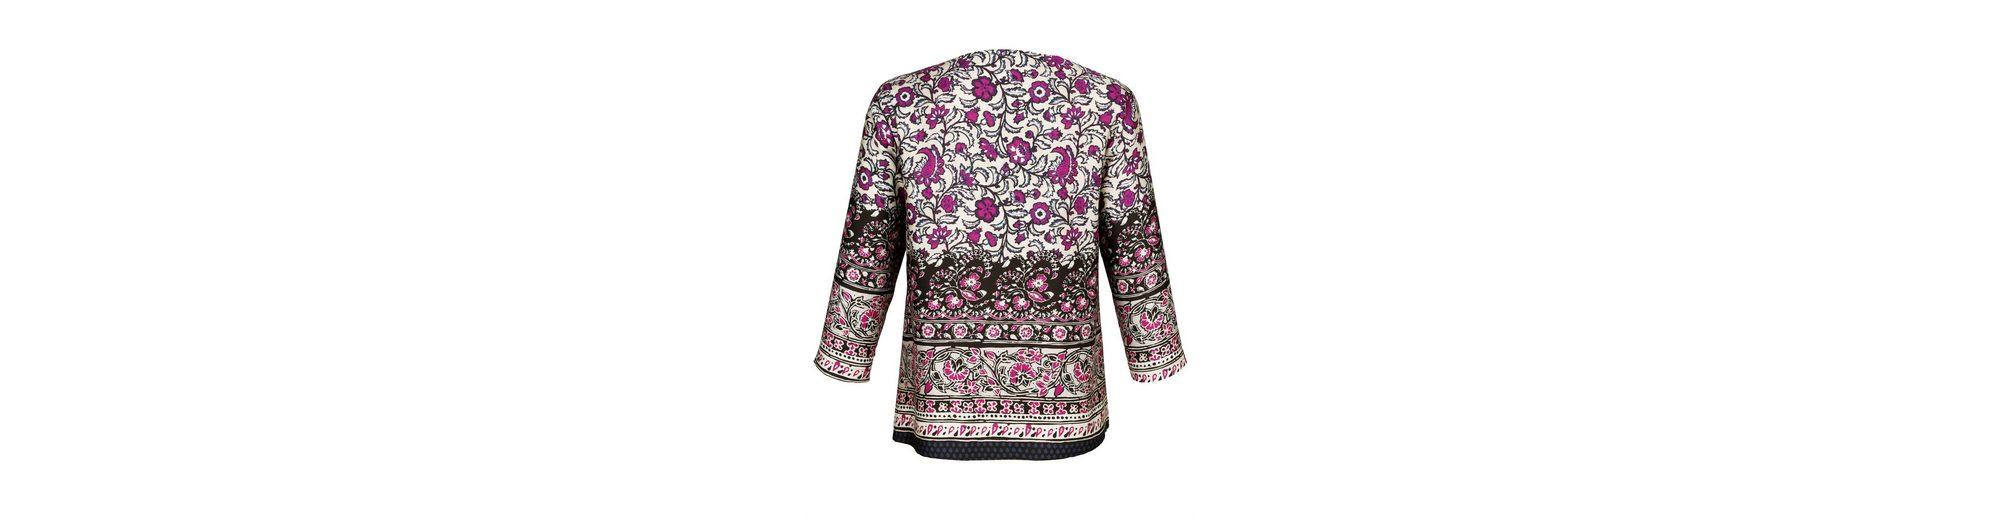 Bester Lieferant Geniue Händler Alba Moda Bluse aus softer Ware mit schönem Glanz Verkauf Bestseller XeqSfLP1dS